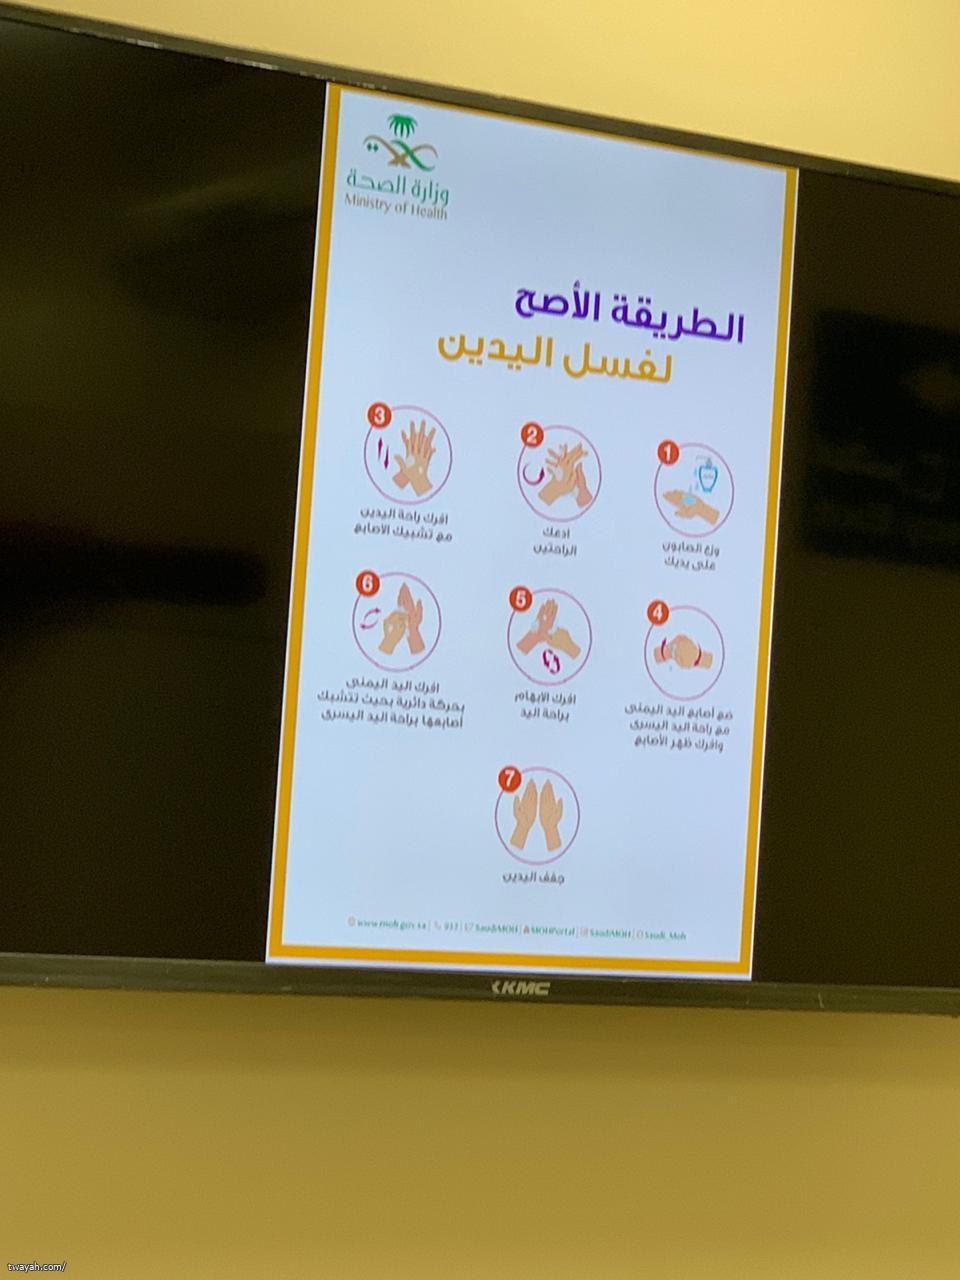 مركز صحي أبو عروة ينفذ الحملة التوعوية بفيروس كورونا